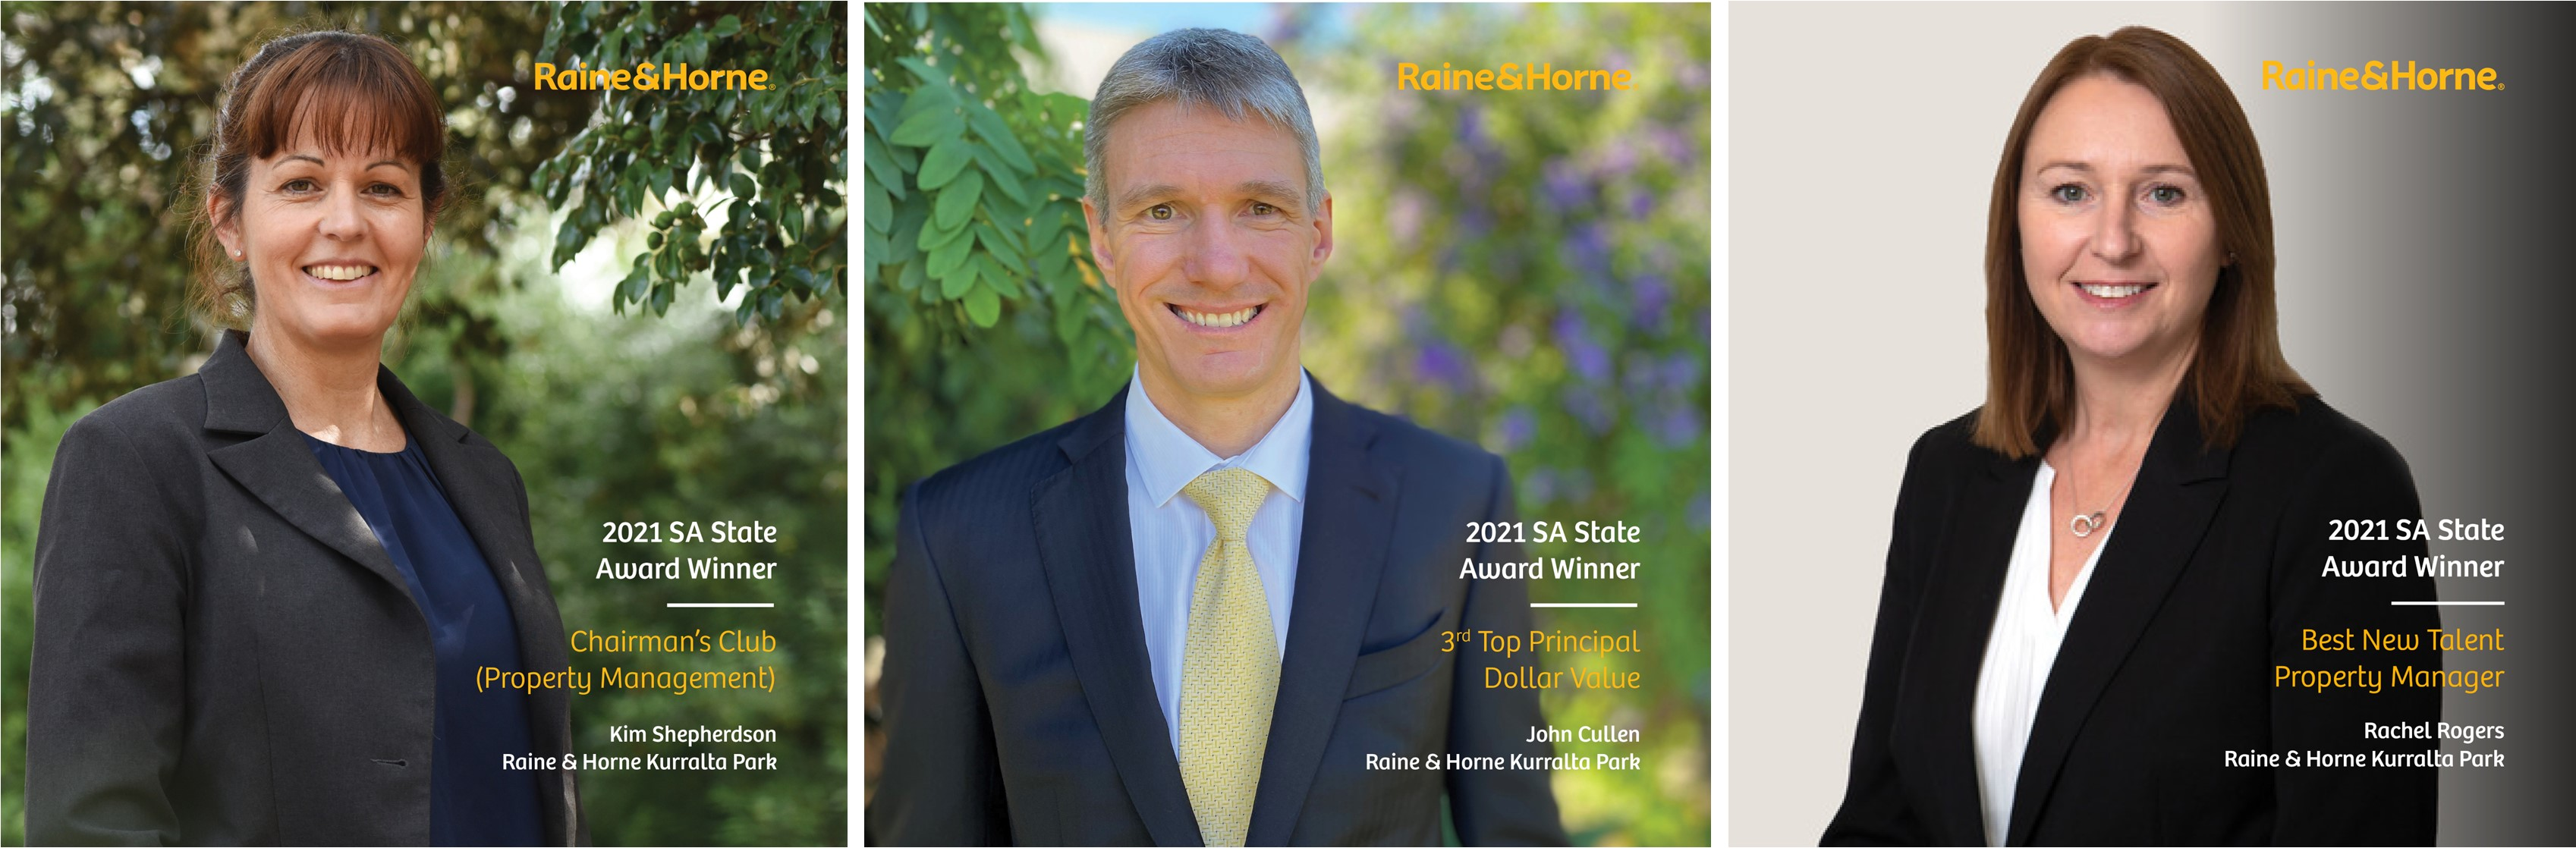 2021 R&H State Awards (SA)